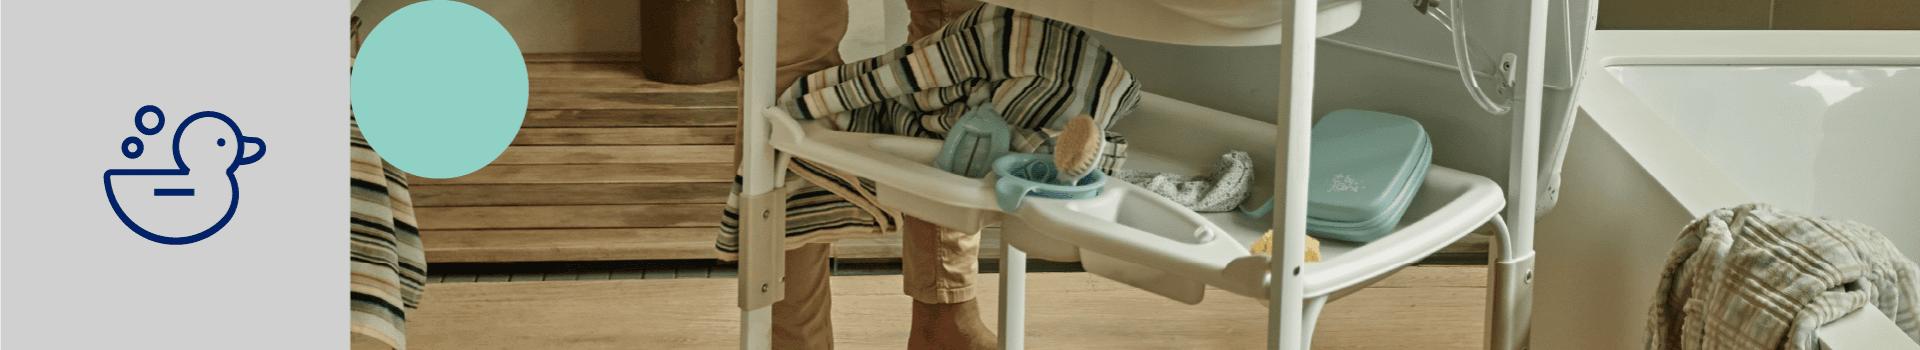 Banho bebé | Acessórios para o banho do bebé | Janéworld